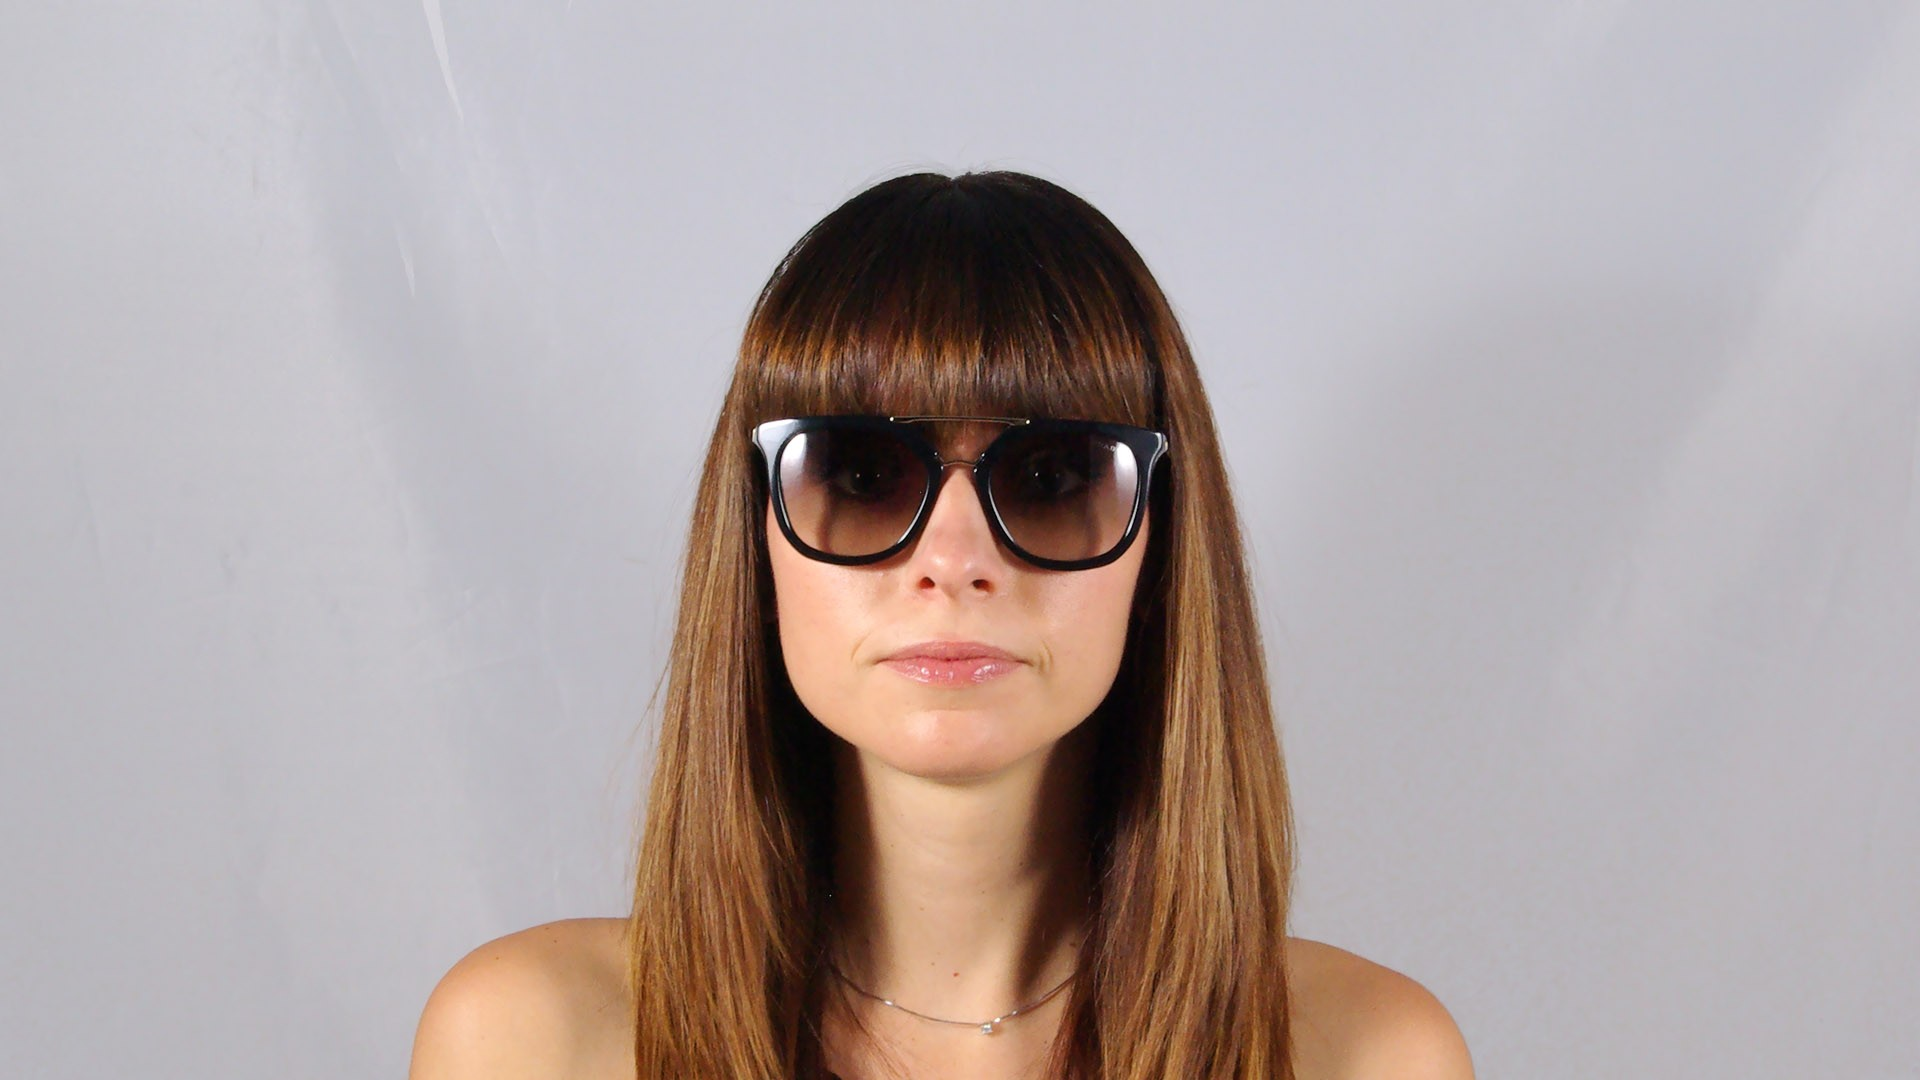 cfab015d0c4091 Sonnenbrillen Prada Cinema PR 13QS 1AB-0A7 Schwarz Gradient Gläser Medium